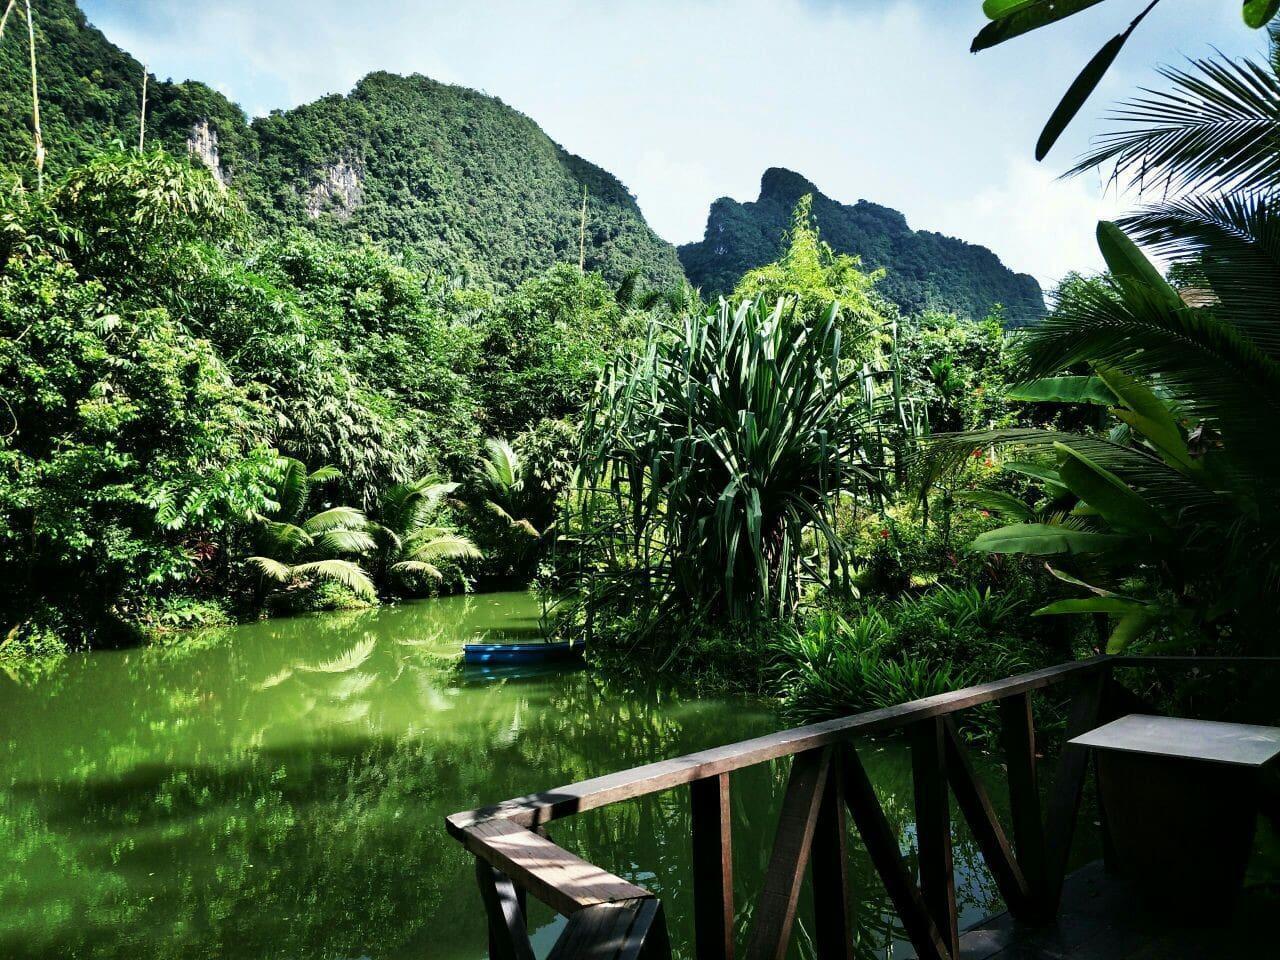 Bu-Nga-Sahree. on the hill facing a peaceful pond. บังกะโล 3 ห้องนอน 3 ห้องน้ำส่วนตัว ขนาด 90 ตร.ม. – อ่าวลึก